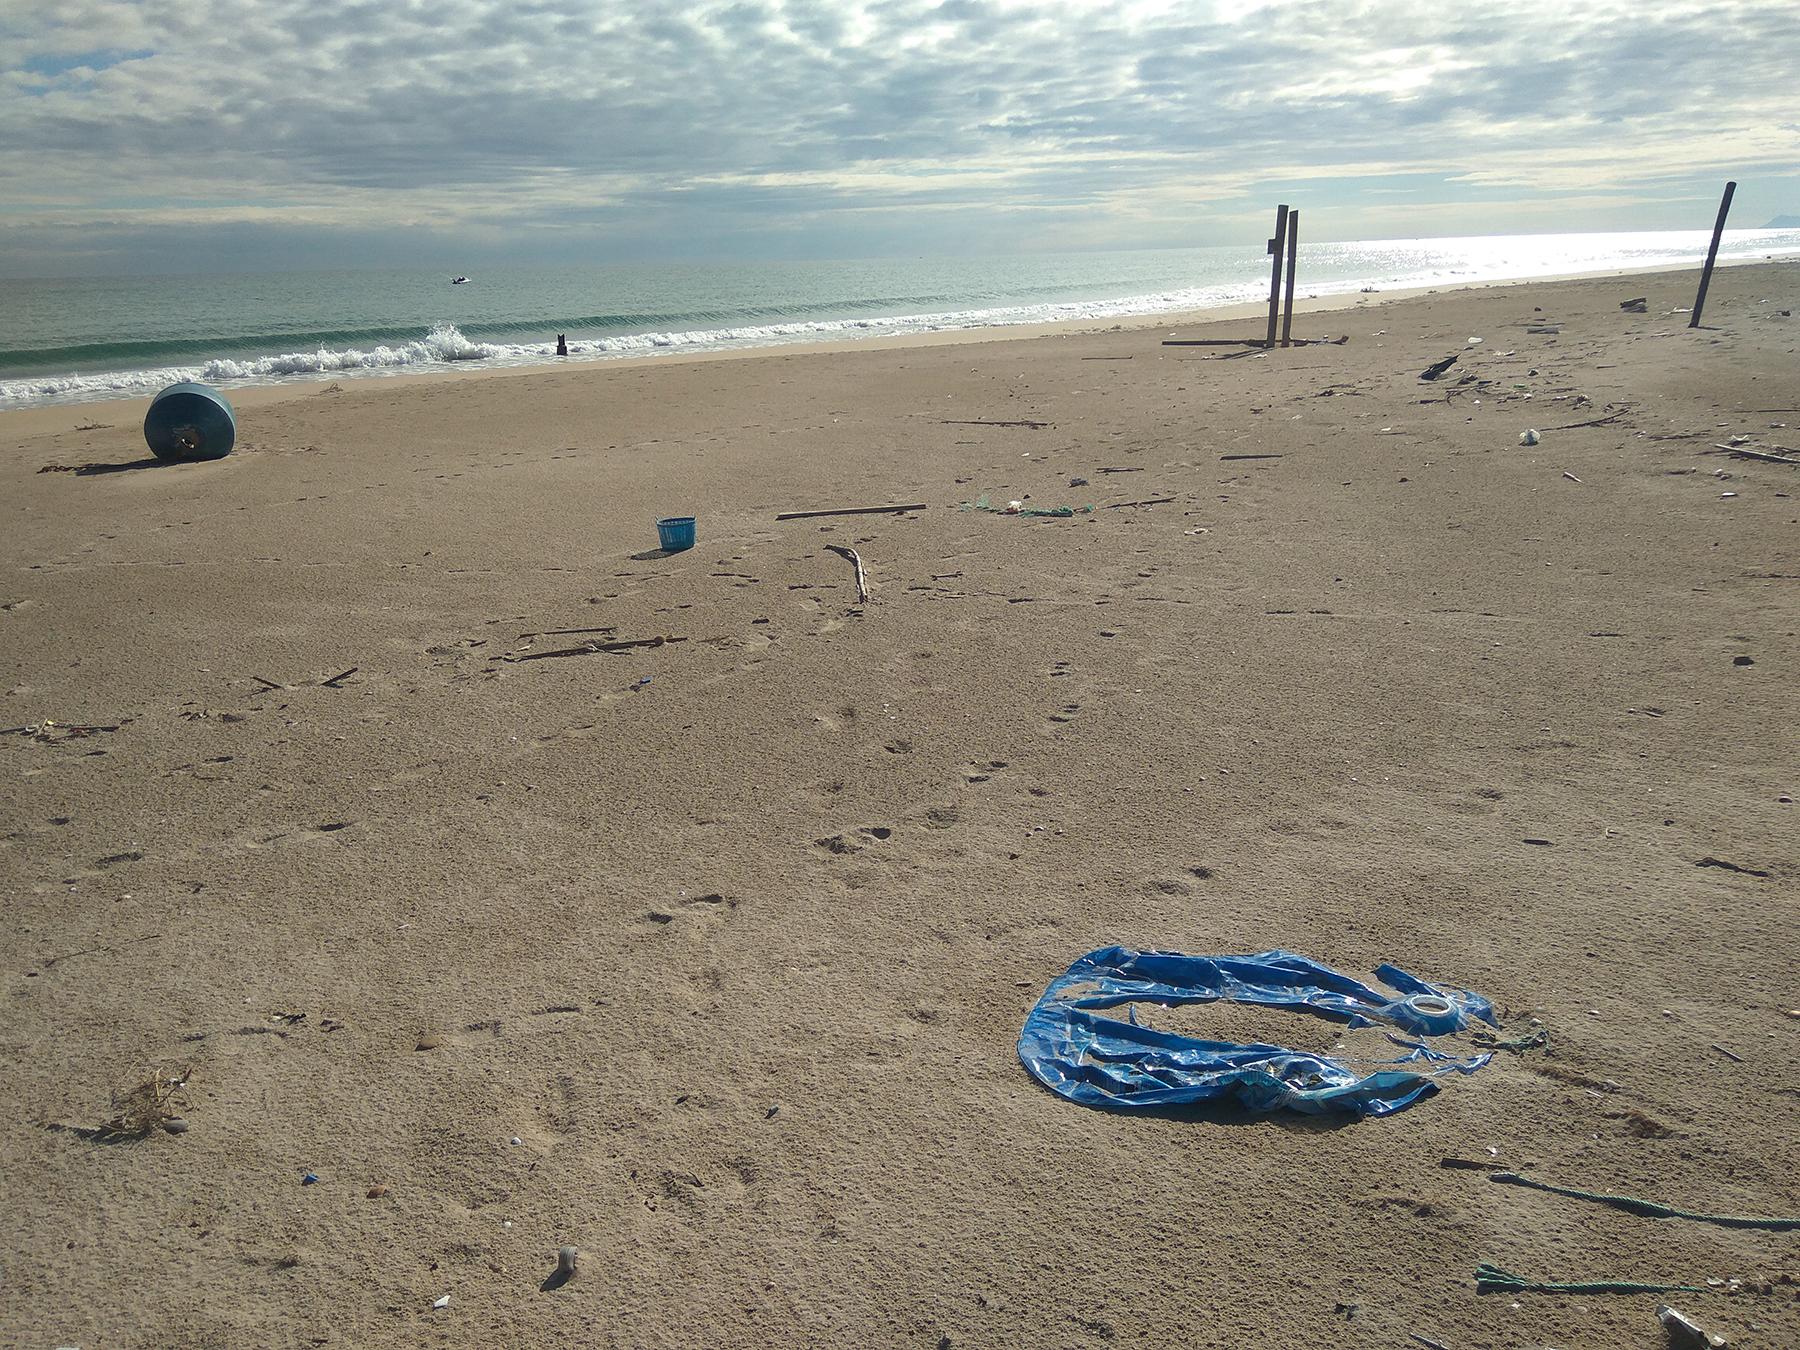 Un proyecto recogerá basura marina en Galicia y Valencia para su análisis y posterior valorización en forma de nuevos productos